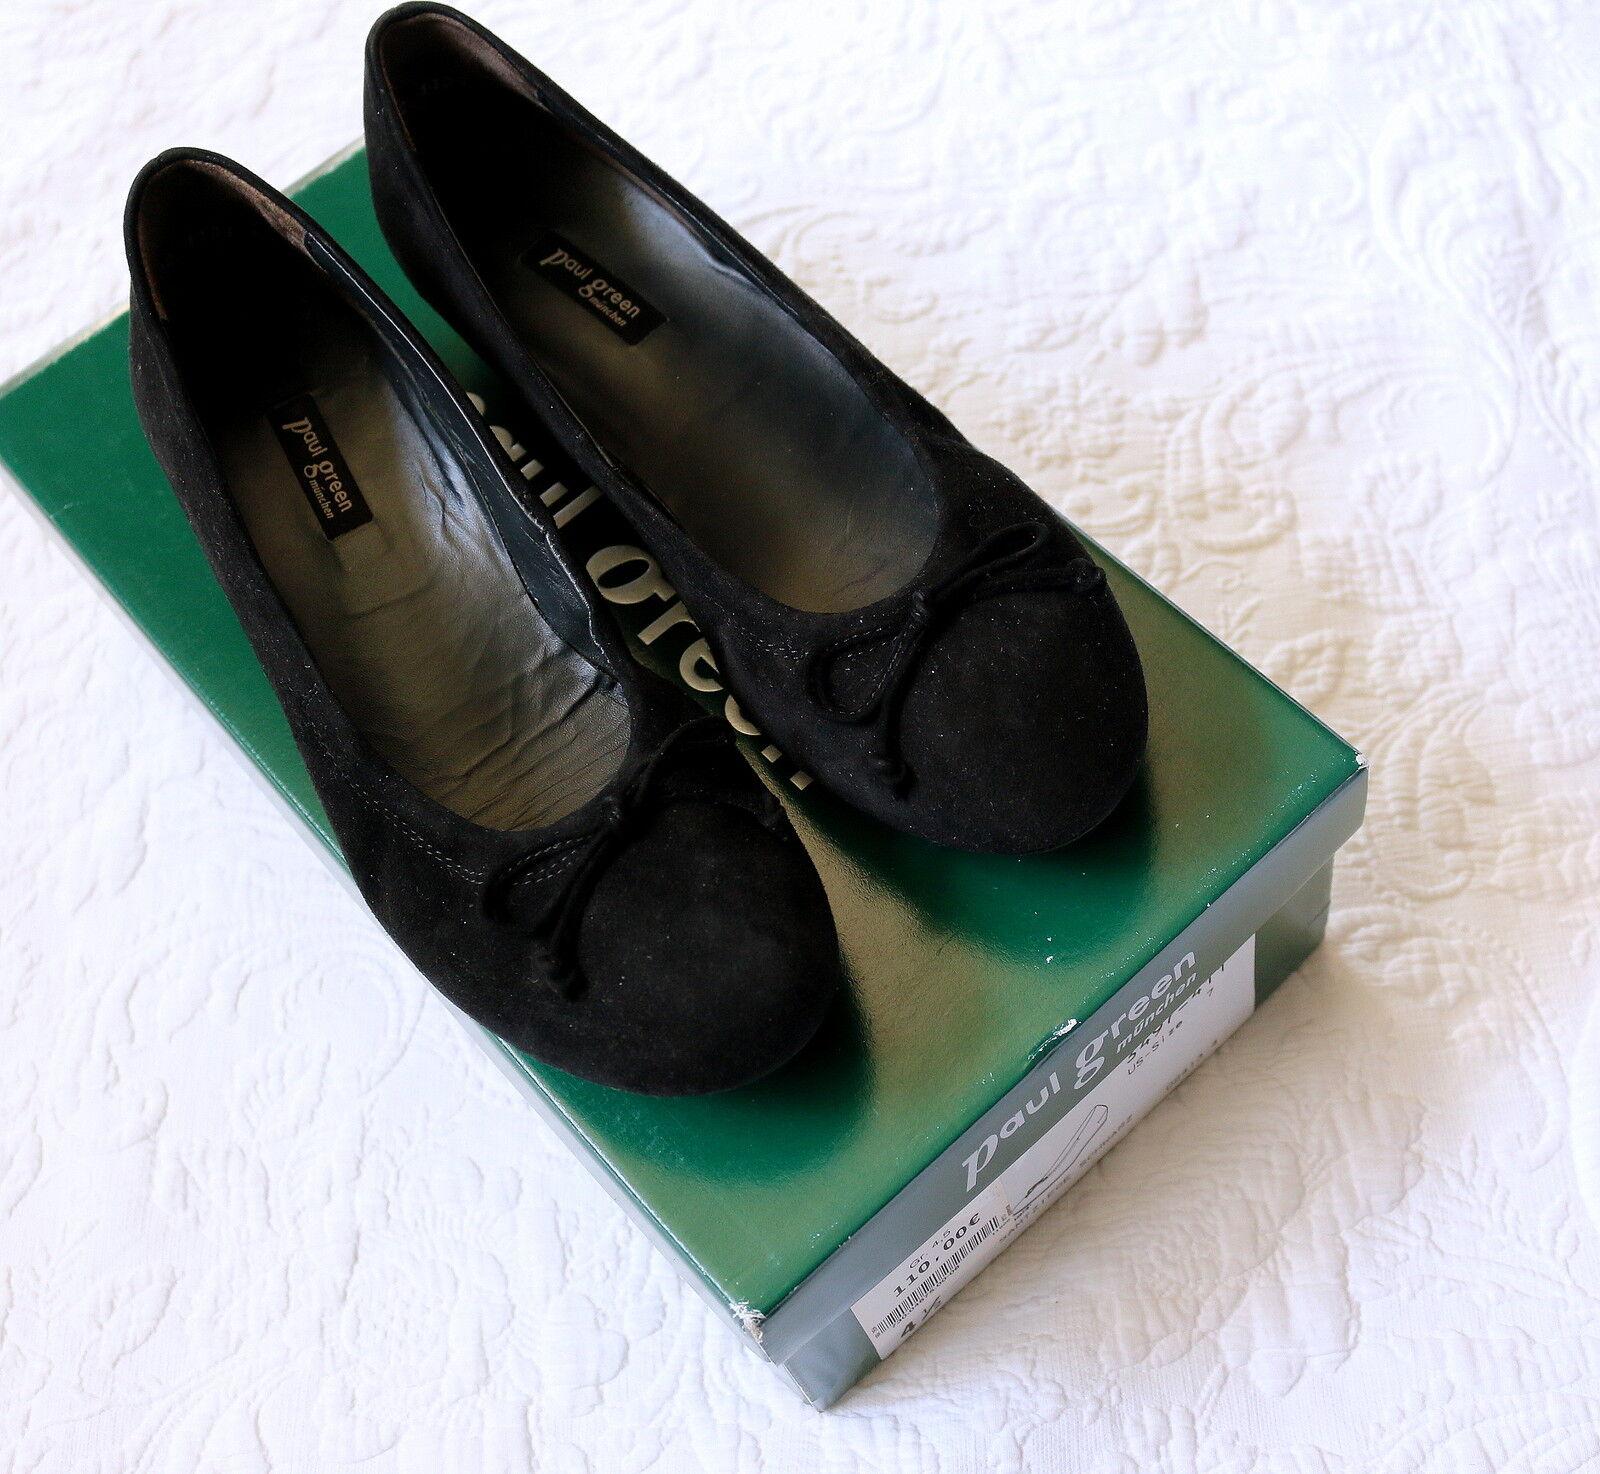 Paul verde de alta alta alta calidad con cuña-salón bailarinas nobuck 37,5 4,5 np.110, - nuevo  calidad fantástica